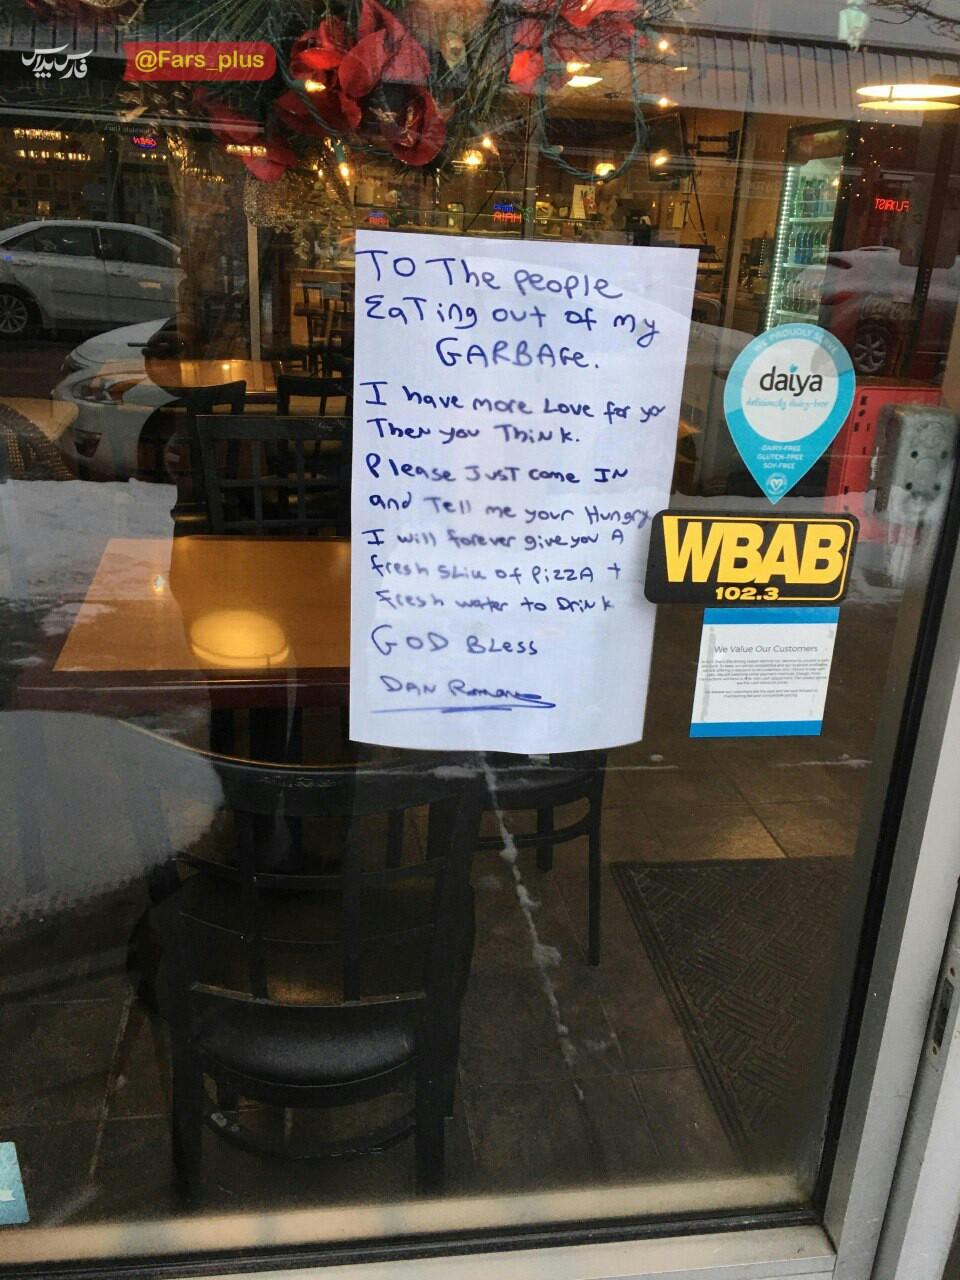 نوشته جالب جلوی یک رستوران در آمریکا +عکس